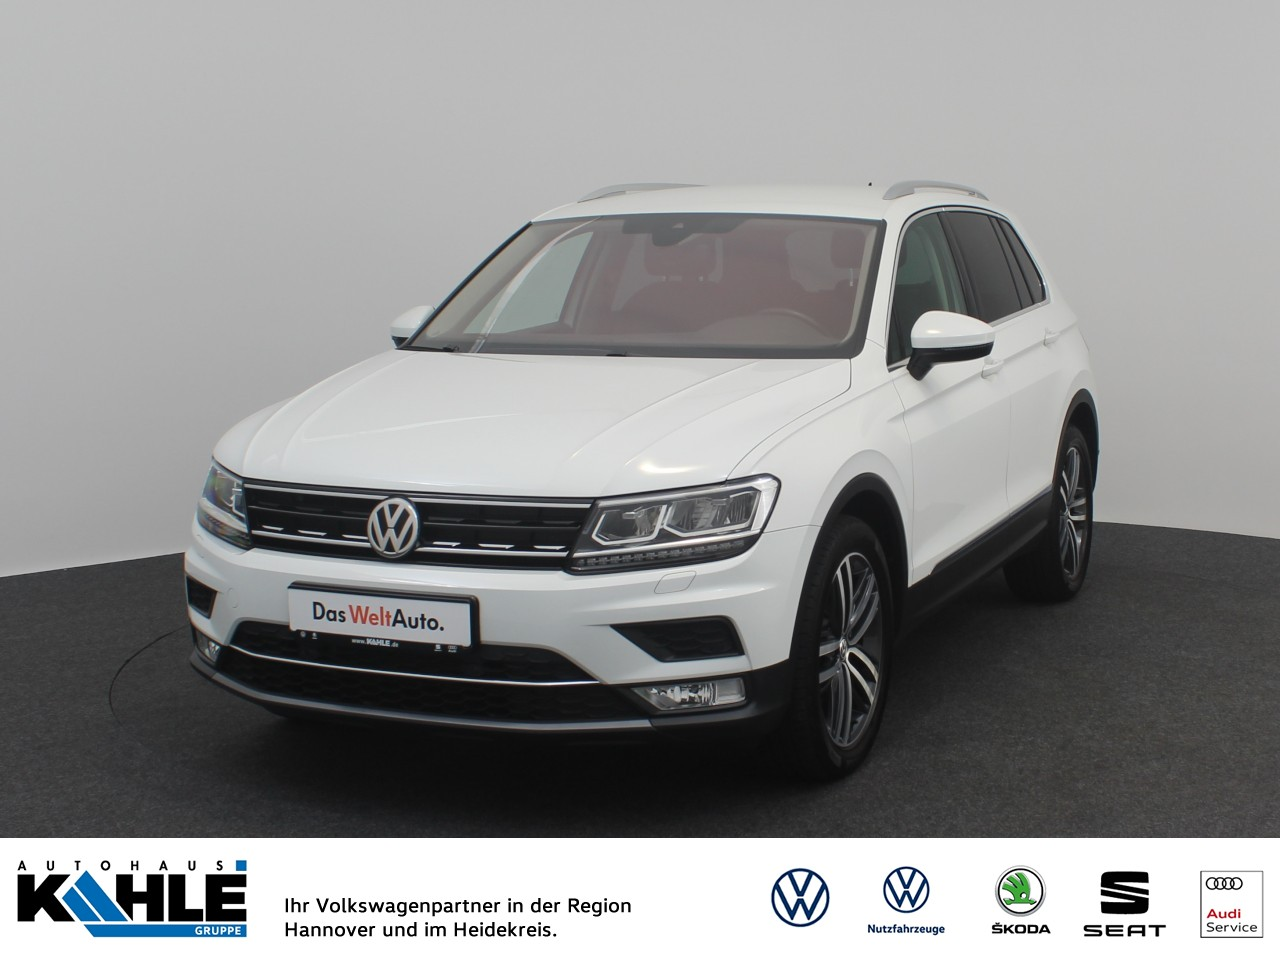 Volkswagen Tiguan 2.0 TDI BMT Highline Navi LED Klima, Jahr 2016, Diesel